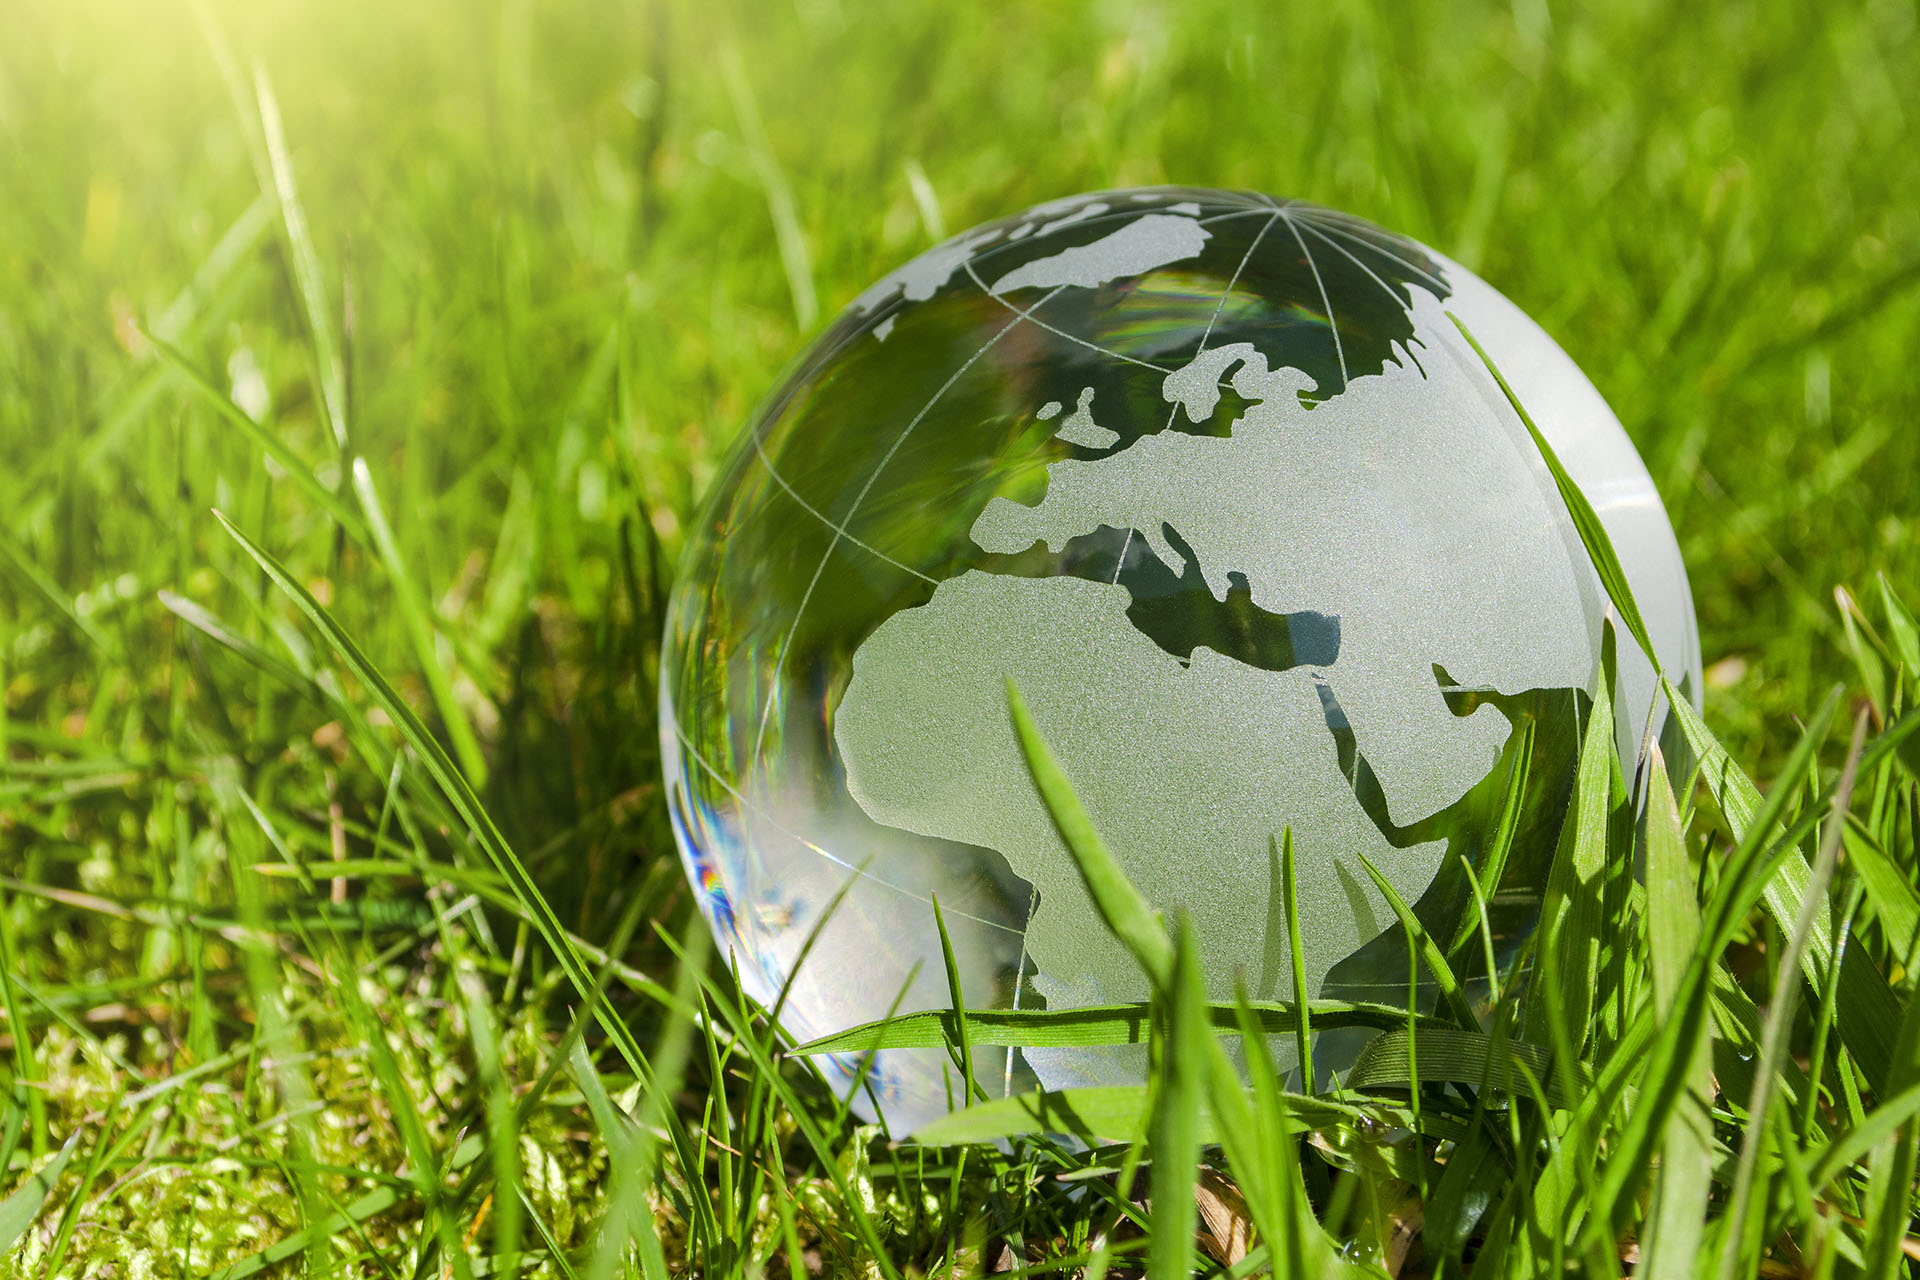 Weltkugel aus Glas, Erde mit Gras und Sonne, Naturschutz, Umwelt